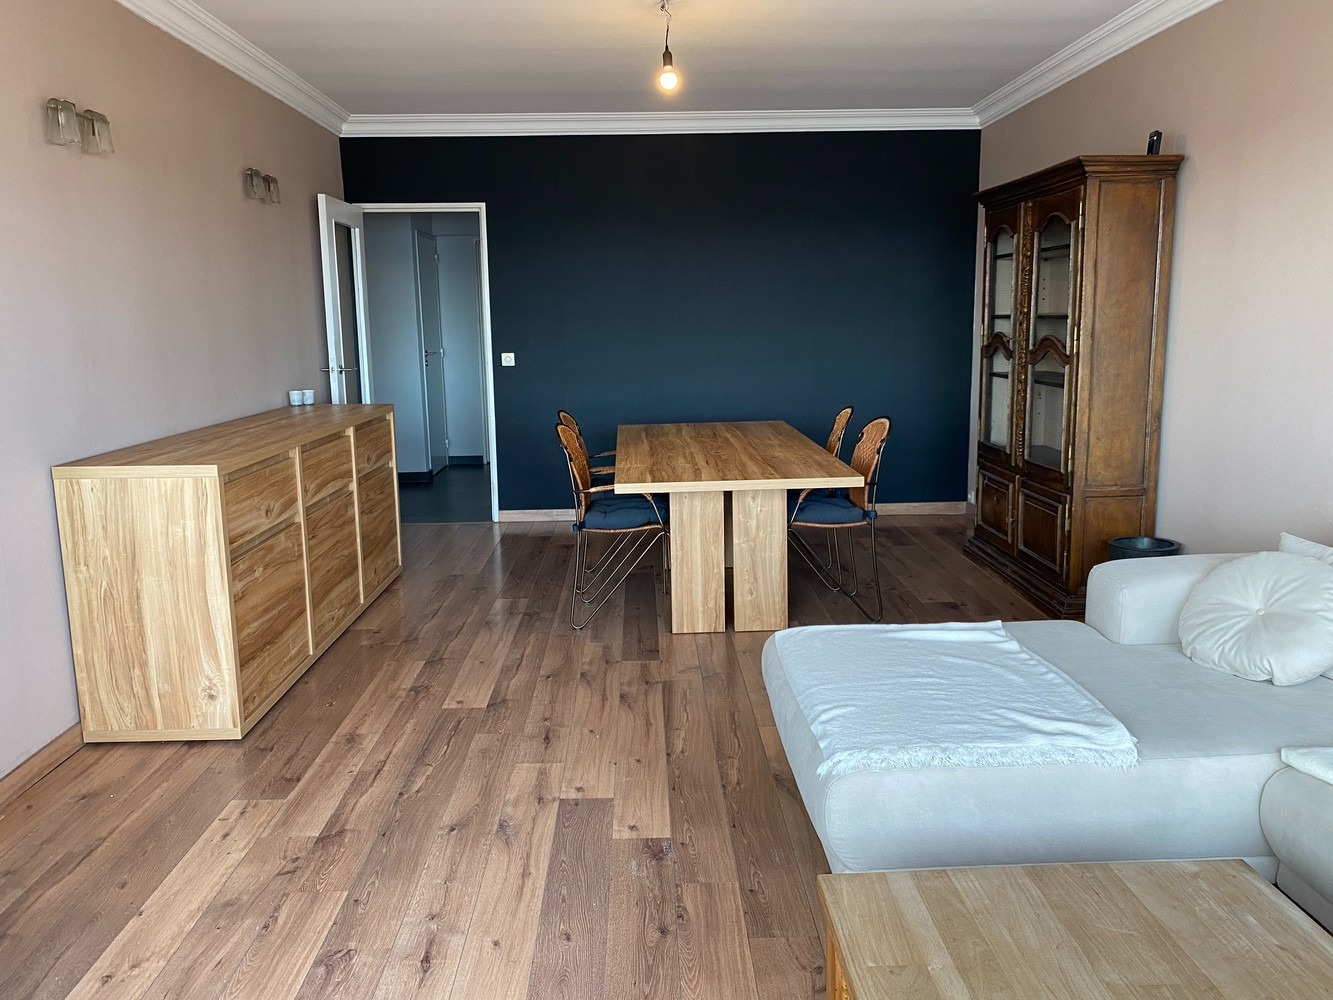 Lichtrijk, bemeubeld en ruim appartement met 2 slaapkamers & een uniek uitzicht over Antwerpen! afbeelding 5